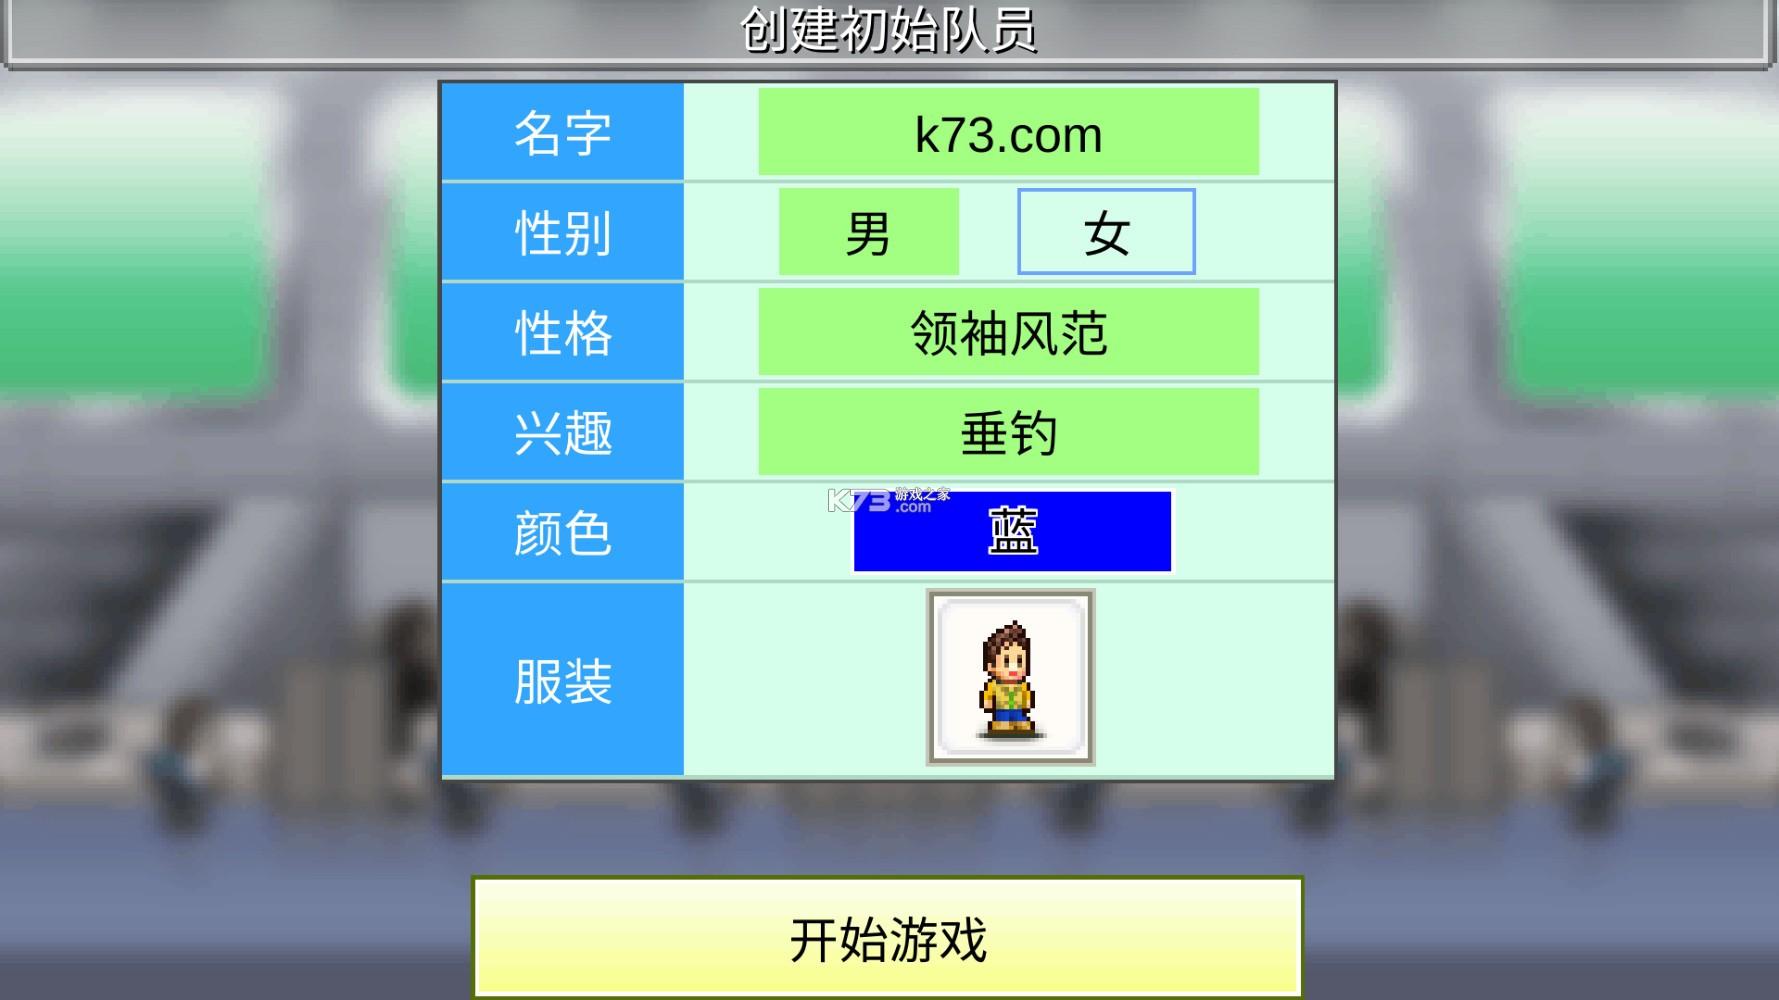 英雄战队物语 v2.1.7 无限金币汉化版 截图